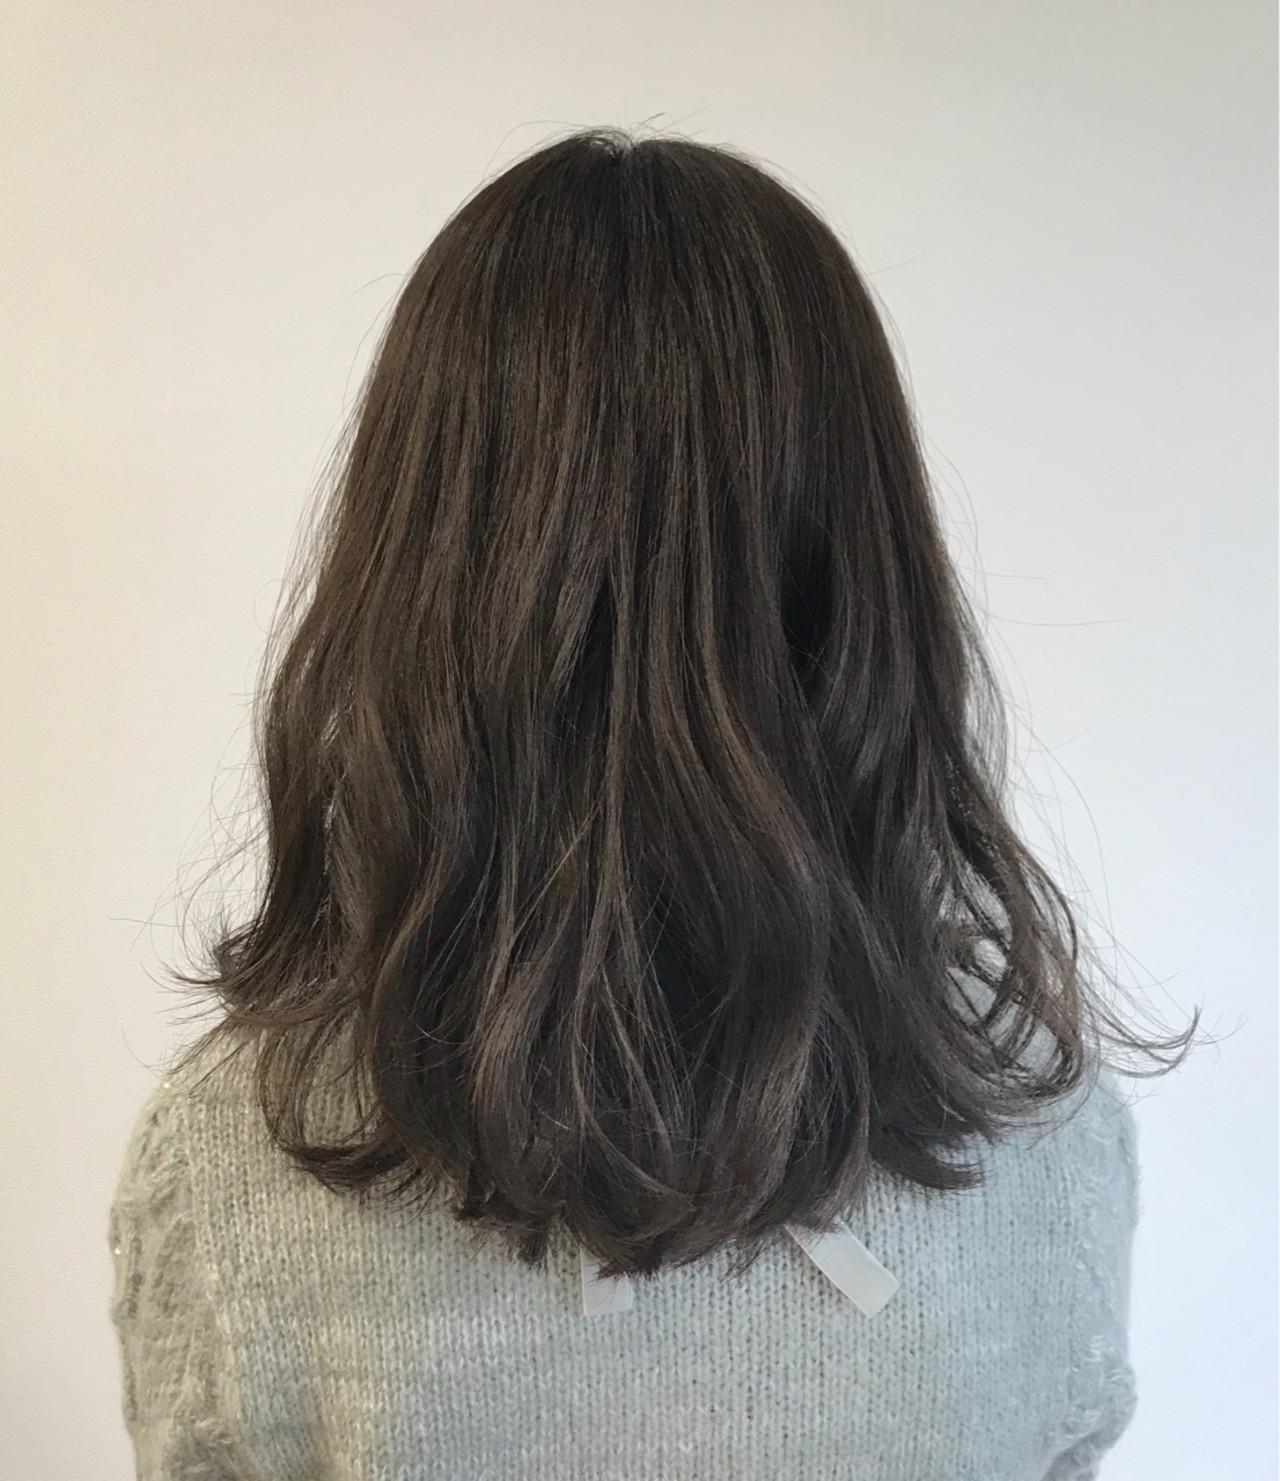 オフィス デート ガーリー セミロング ヘアスタイルや髪型の写真・画像